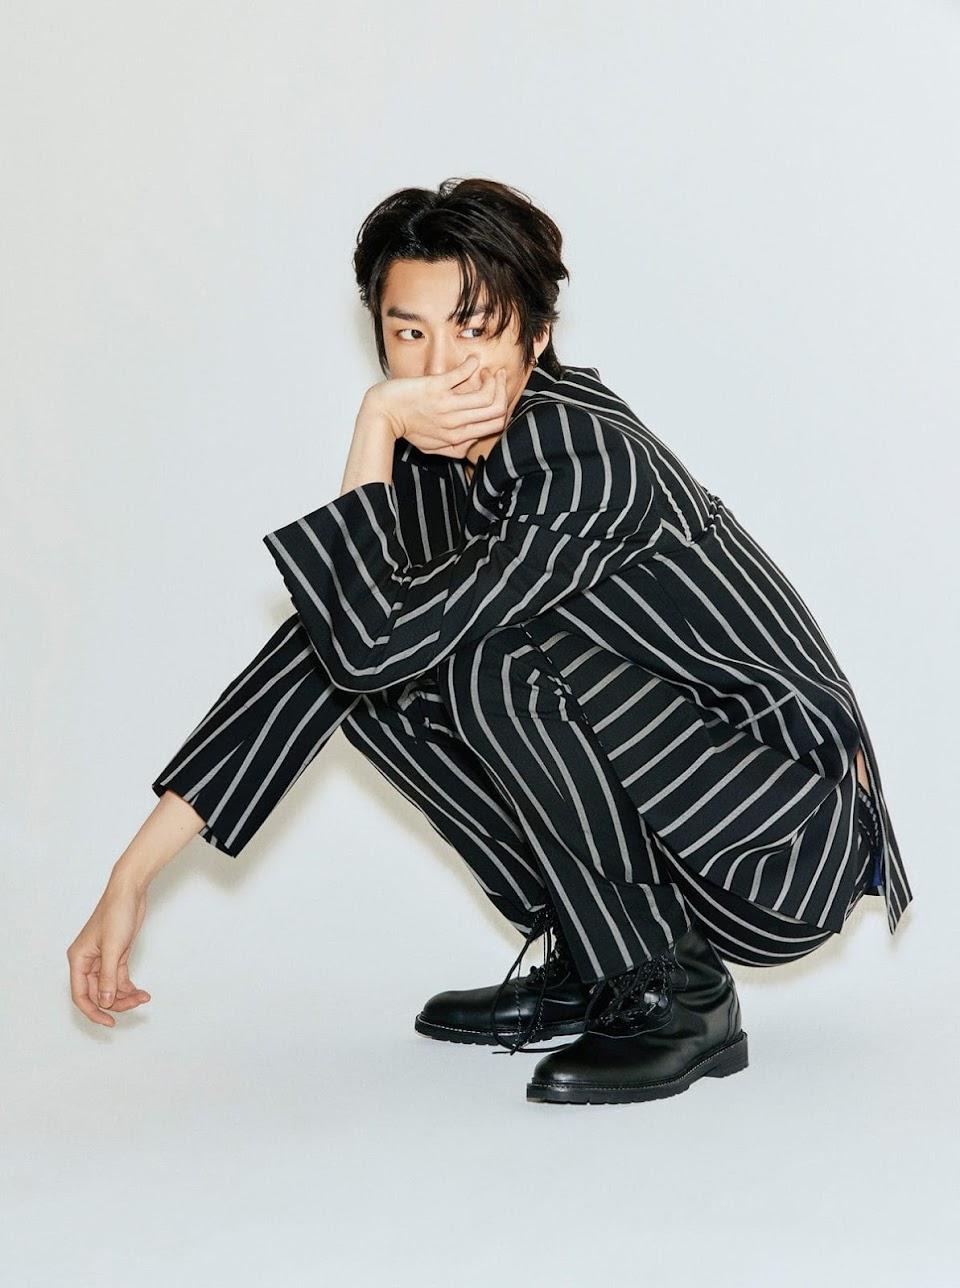 hyungwon body 13